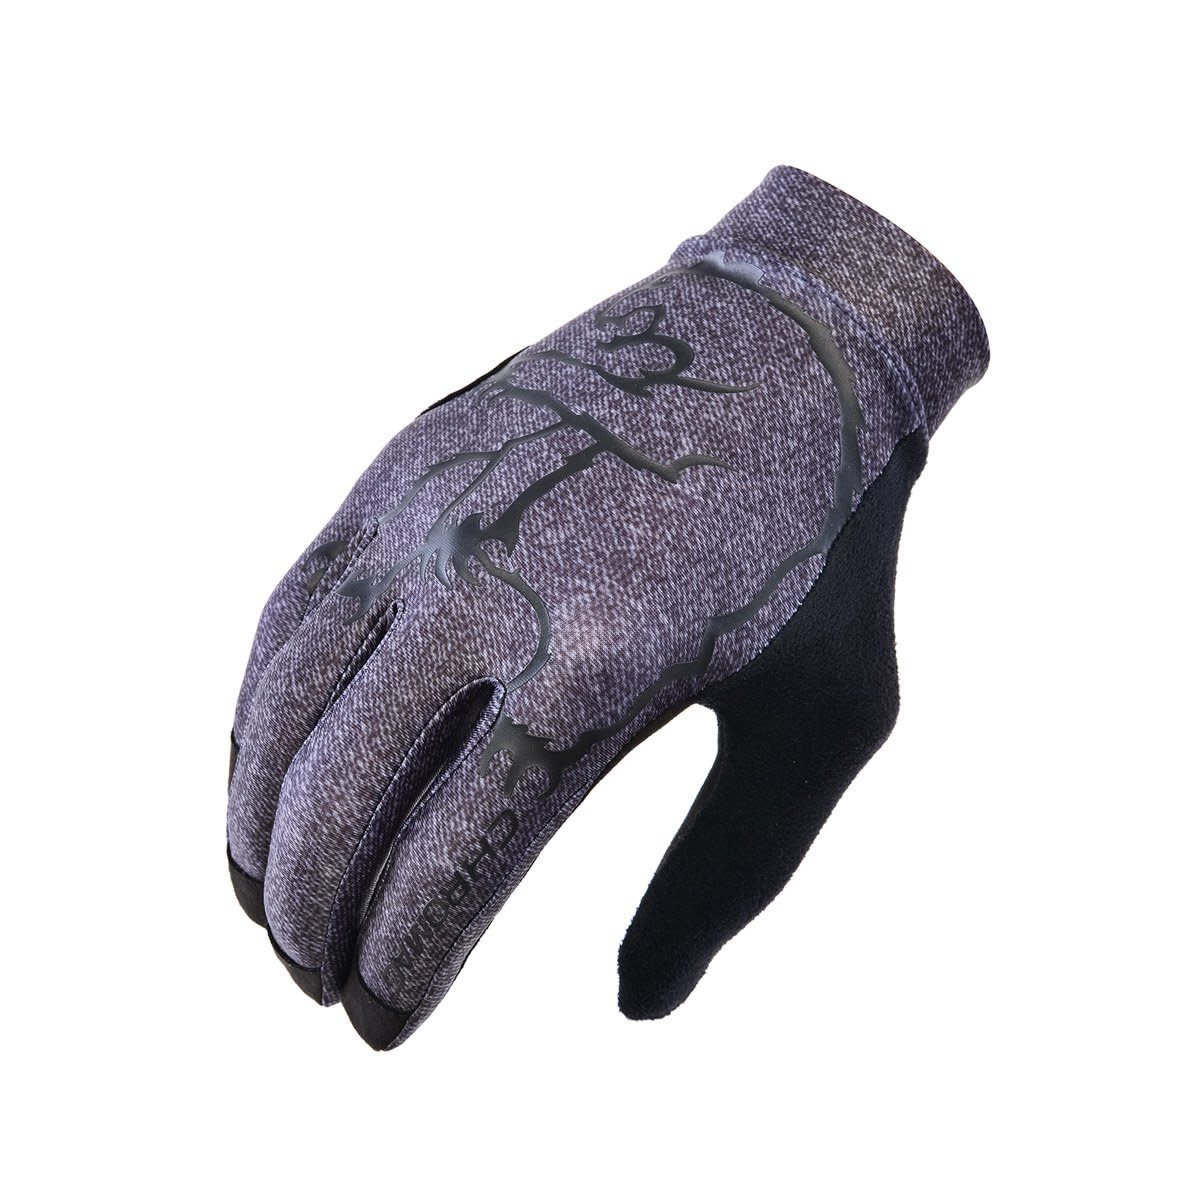 Gloves, Chromag Habit gloves